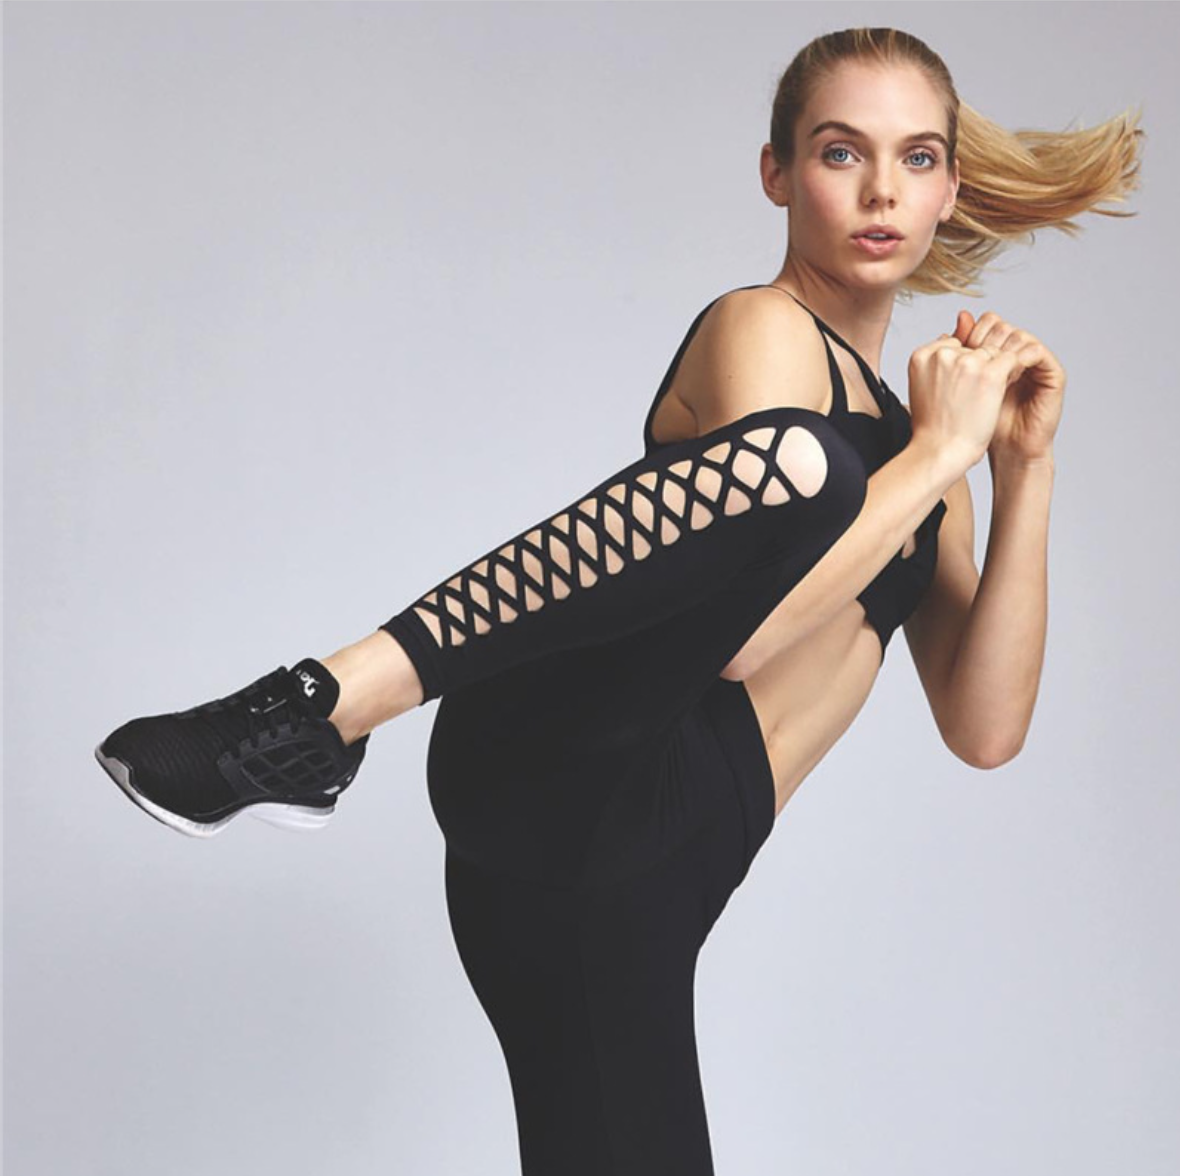 輕薄好穿吸濕排汗前交叉摟空健身瑜珈褲跑步訓練褲黑色